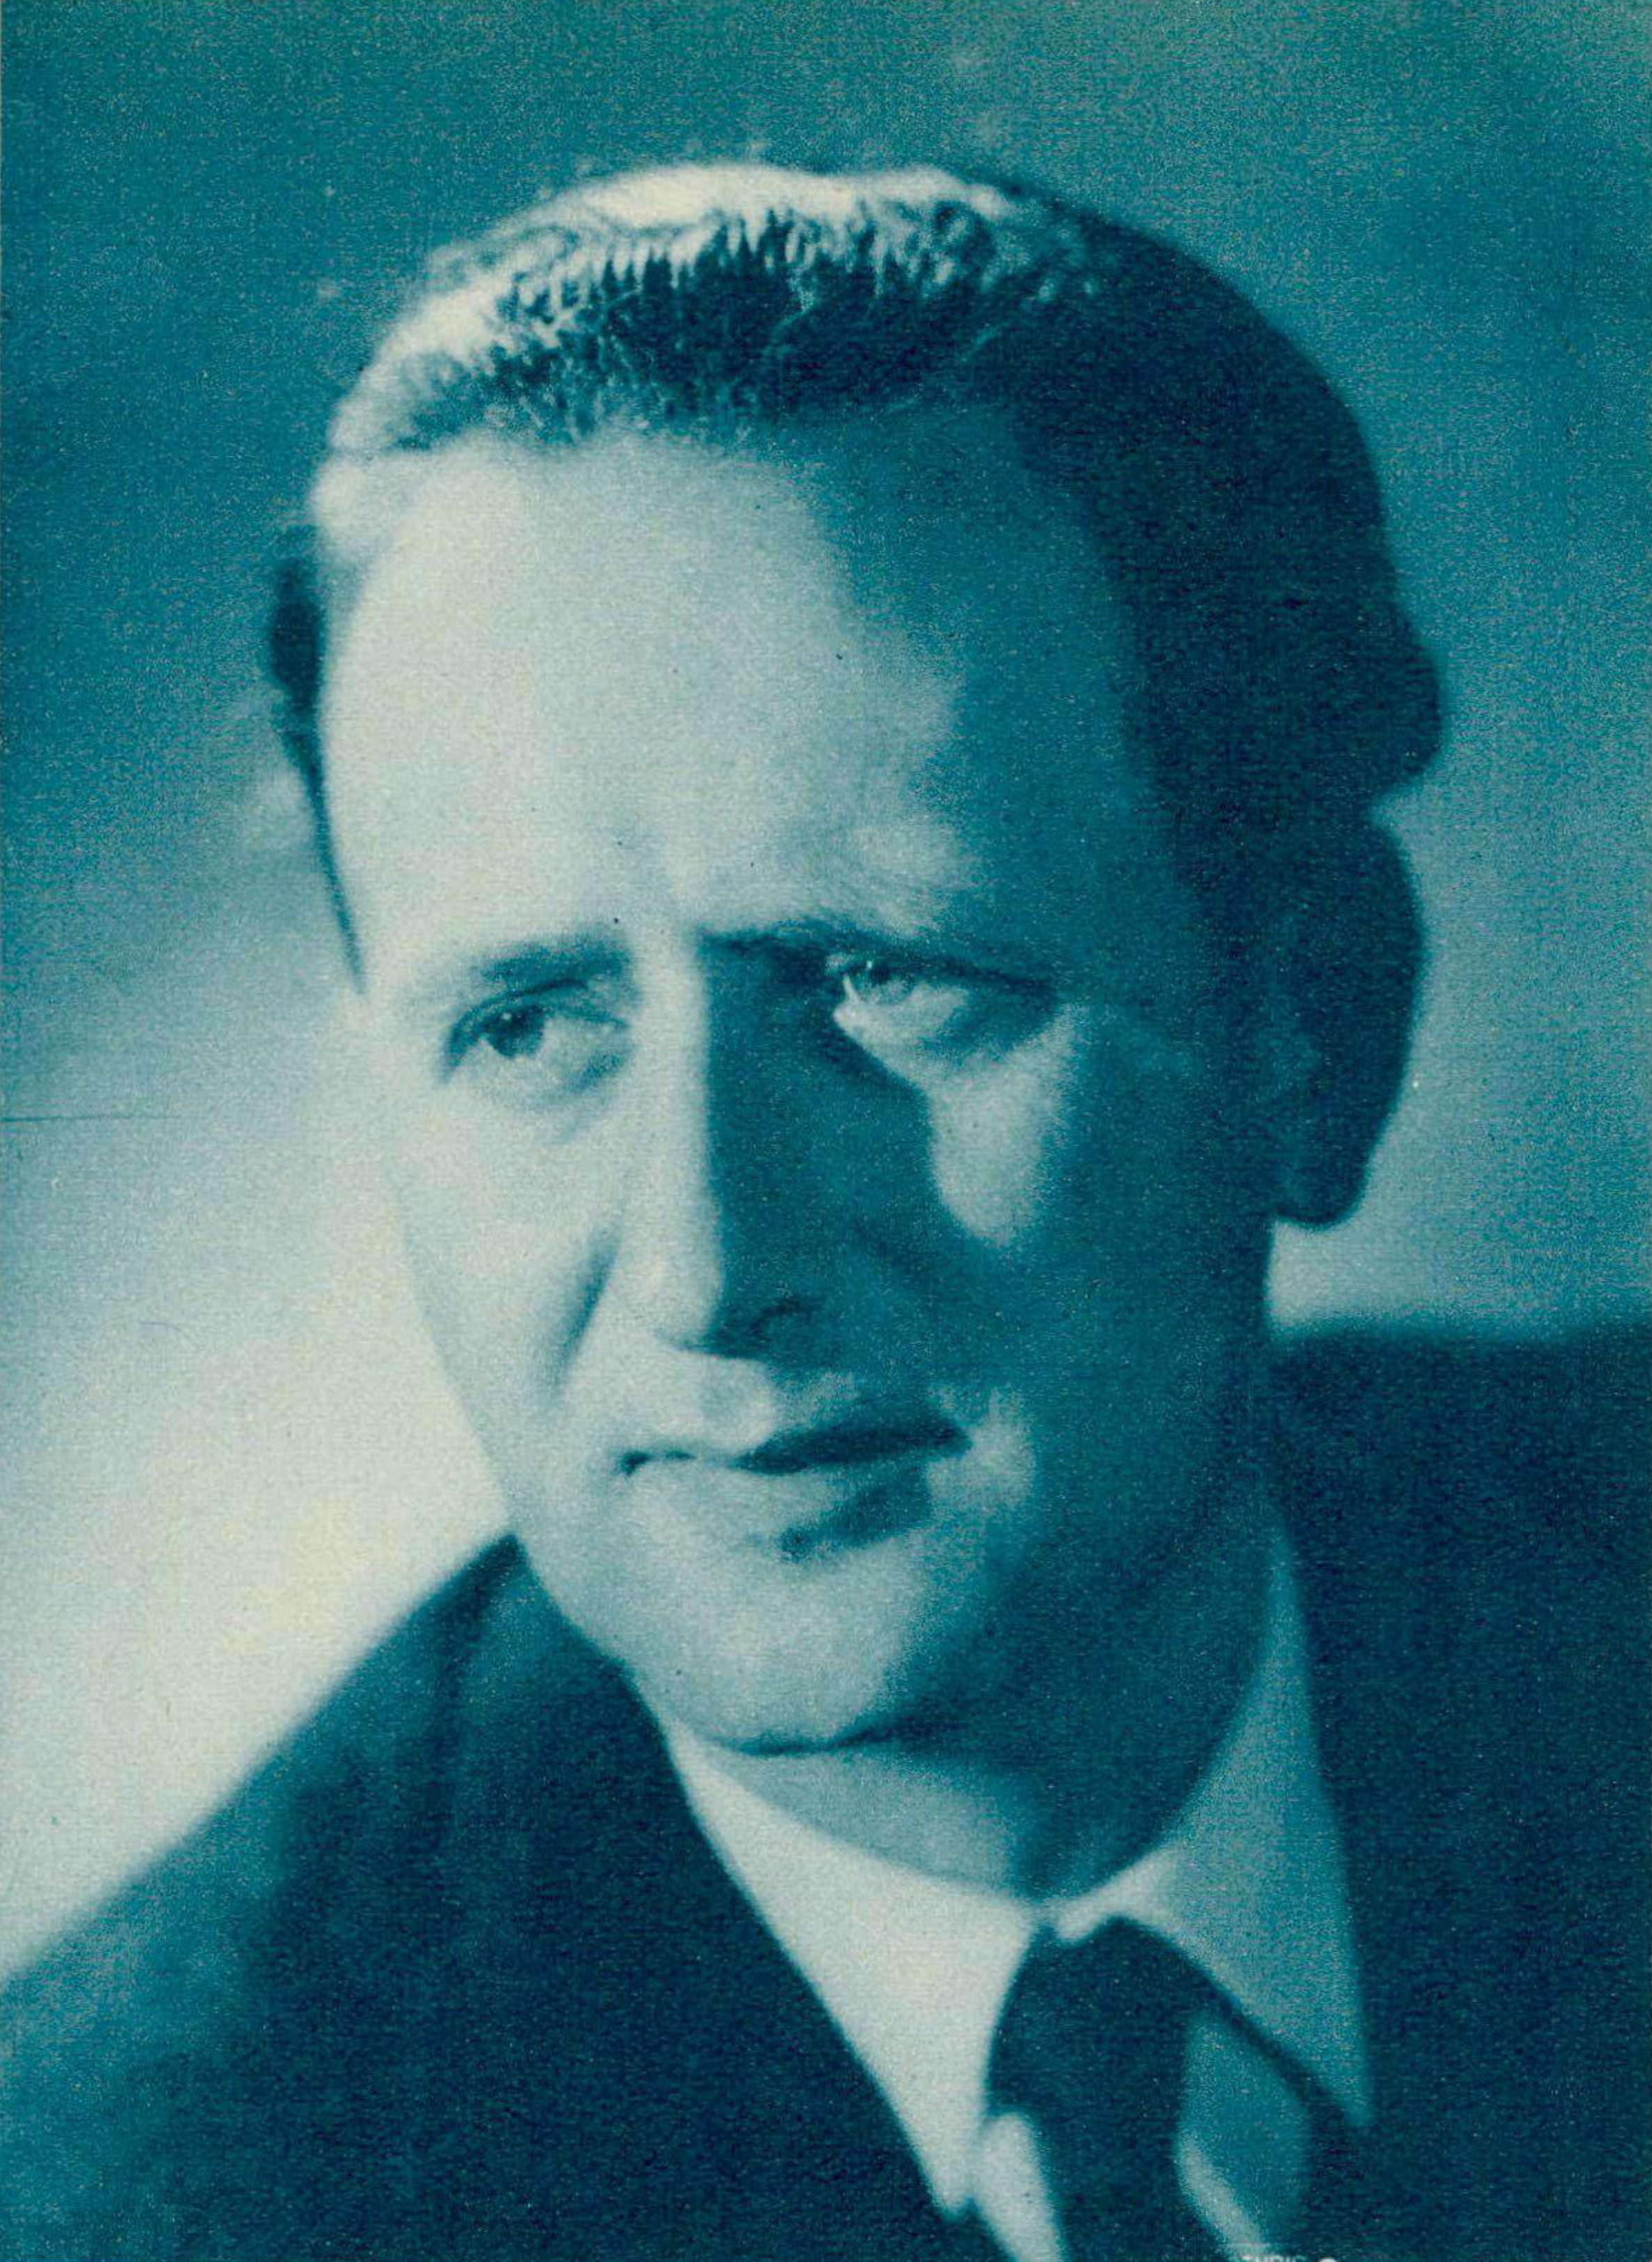 Pierre Colombo, un portrait fait par Photo Le Foulon, Genève. Cliquer pour une vue agrandie